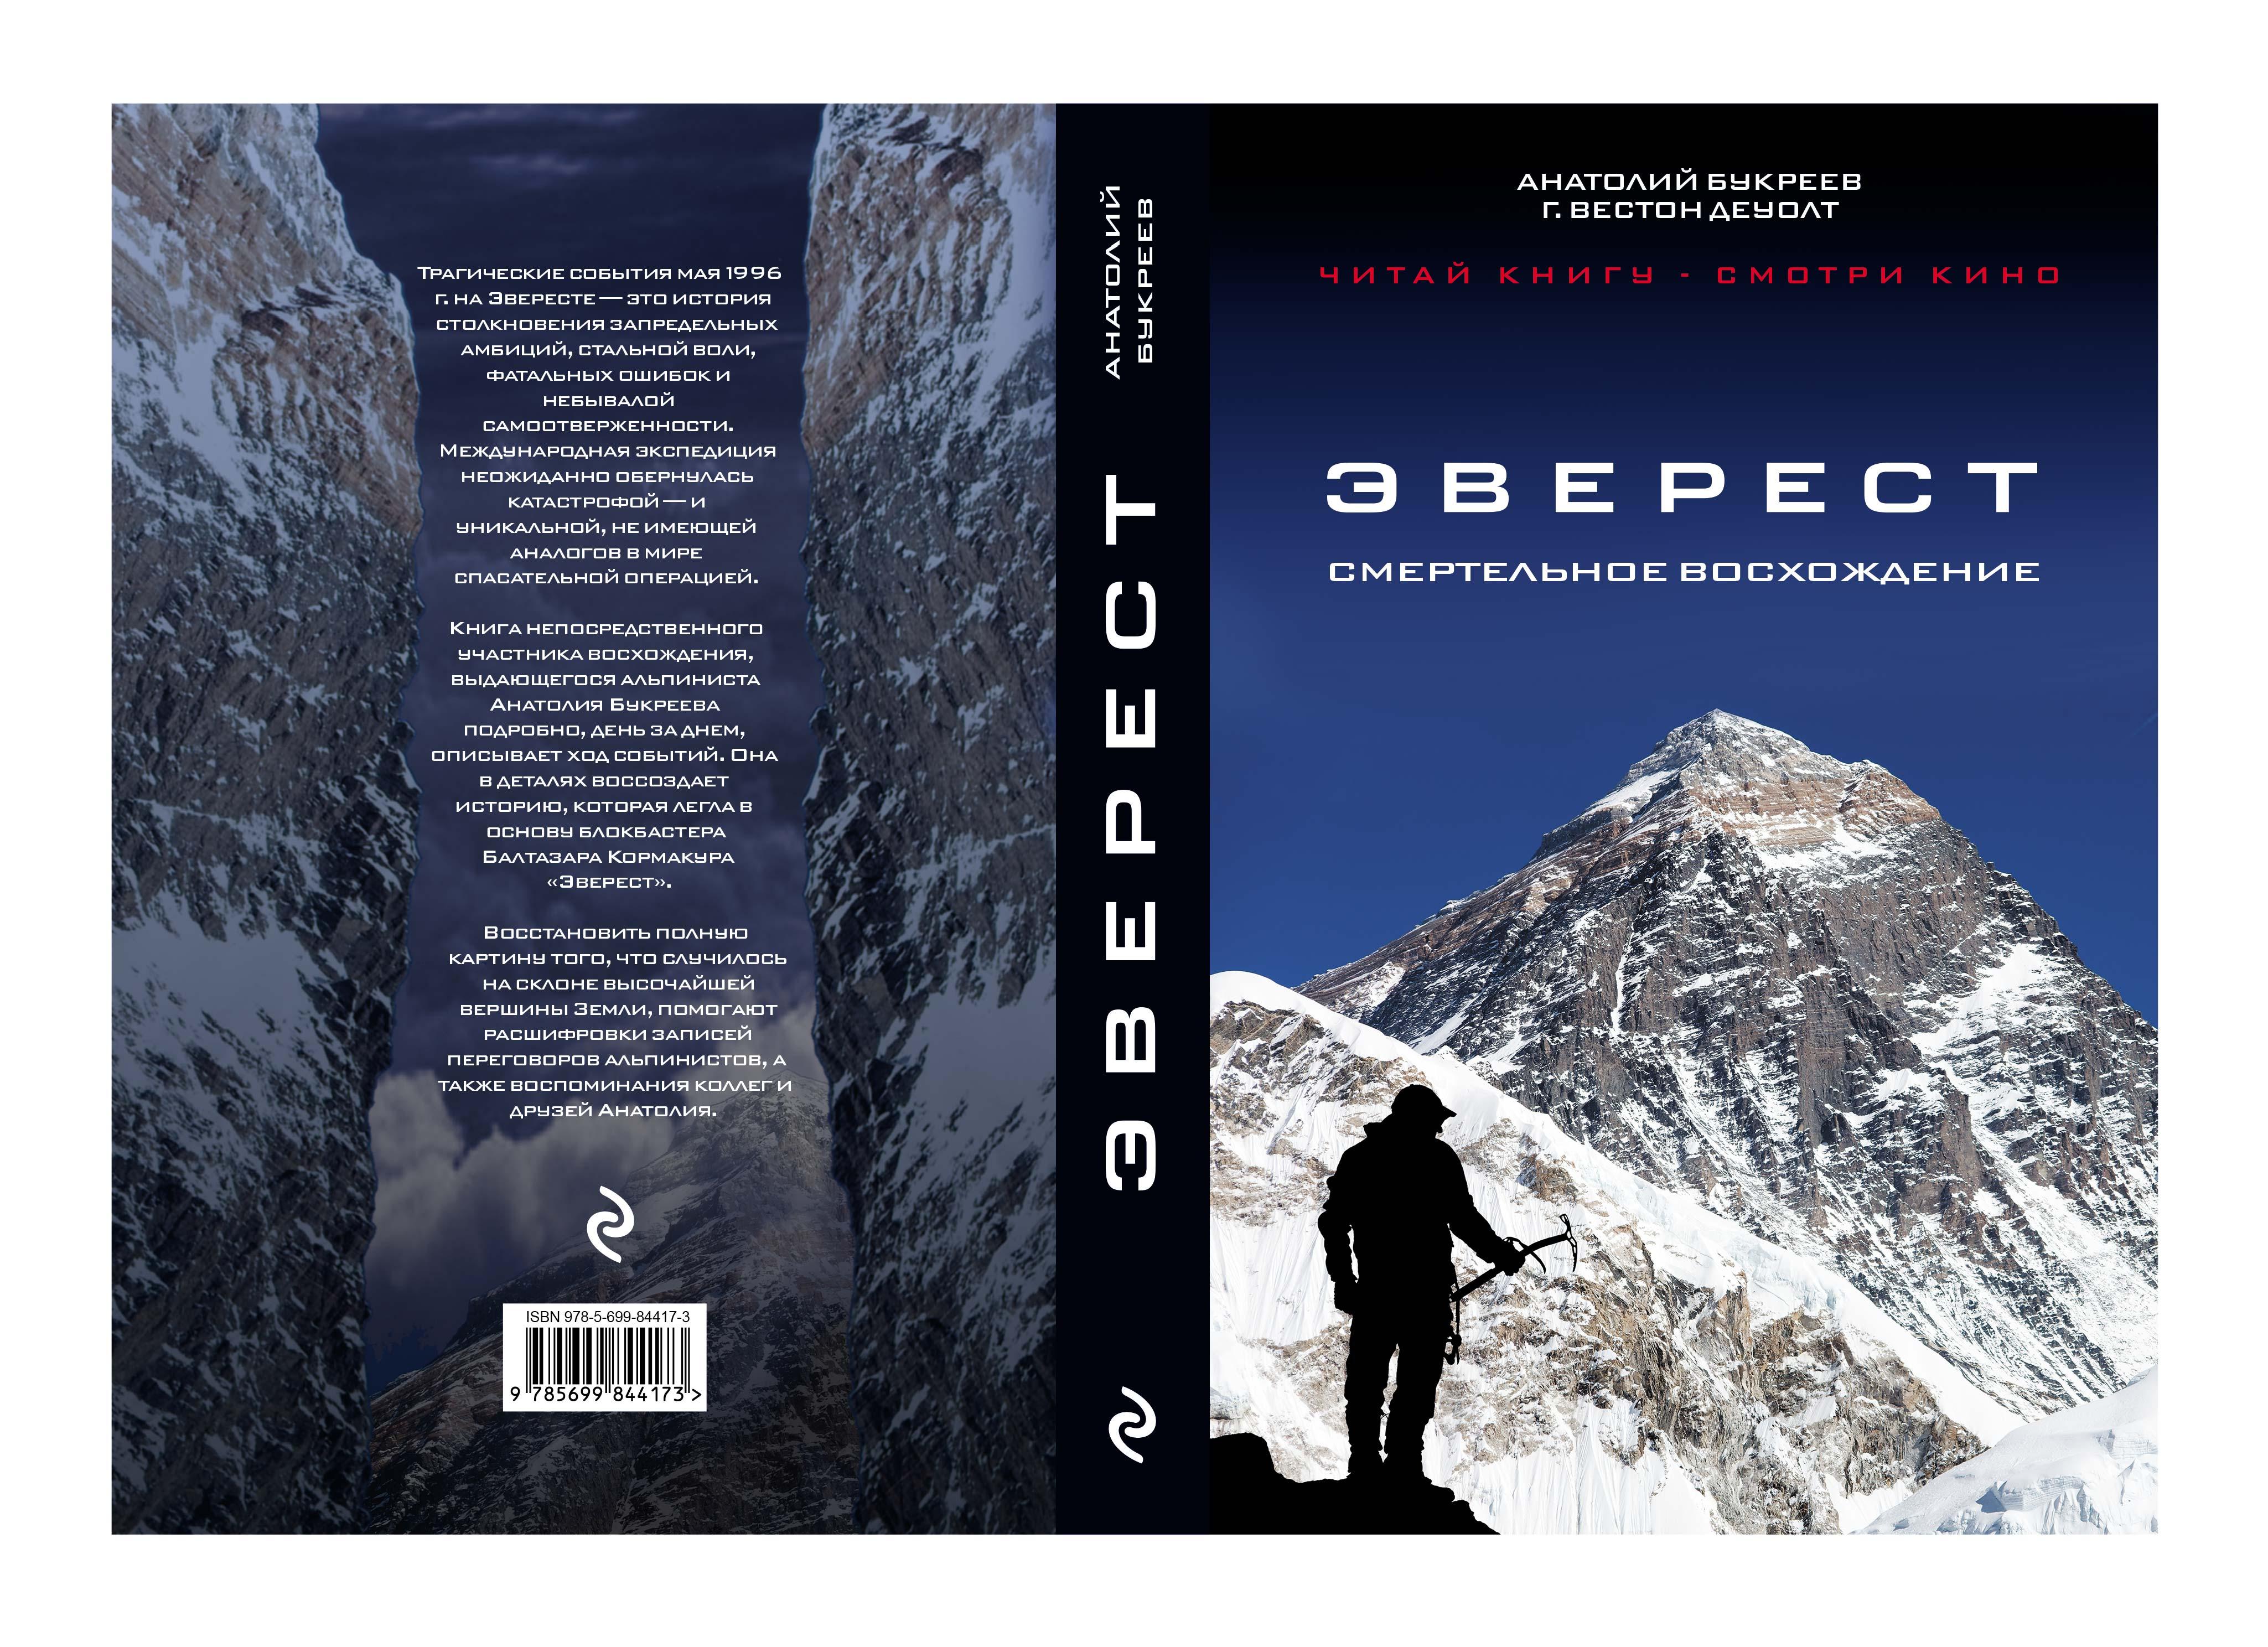 Книга BASK Эверест. Смертельное восхождение K-001Книги<br>Трагические события мая 1996 г. на Эвересте — это история столкновения запредельных амбиций, стальной воли, фатальных ошибок и небывалой самоотверженности.Международная экспедиция неожиданно обернулась катастрофой — и уникальной, не имеющей аналогов в мире спасательной операцией.Книга непосредственного участника восхождения, выдающегося альпиниста Анатолия Букреева подробно, день за днем, описывает ход событий. Она в деталях воссоздает историю, которая легла в основу блокбастера Балтазара Кормакура «Эверест».Восстановить полную картину того, что случилось на склоне высочайшей вершины Земли, помогают расшифровки записей переговоров альпинистов, а также воспоминания коллег и друзей Анатолия.Текст книги повторяет повторяет текст первого издания: А.Н. Букреев, Г.В. ДеУолт. Восхождение НПФ БАСК, МЦНМО, Москва, 2002.Все схемы, рисунки и фотографии сохранены.Отличия от предыдущего издания:НазваниеФорматРазмер шрифтовБолее высокое качество печатиВсе средства от продажи книги будут использованы фирмой БАСК на проведение вечера памяти Анатолия Букреева.<br><br>Автор(ы): А. Букреев, Г. Вестон ДеУолт<br>Год издания: 2015<br>Количество страниц: 376<br>Обложка: Твердый переплет<br>Формат: 60х901/16